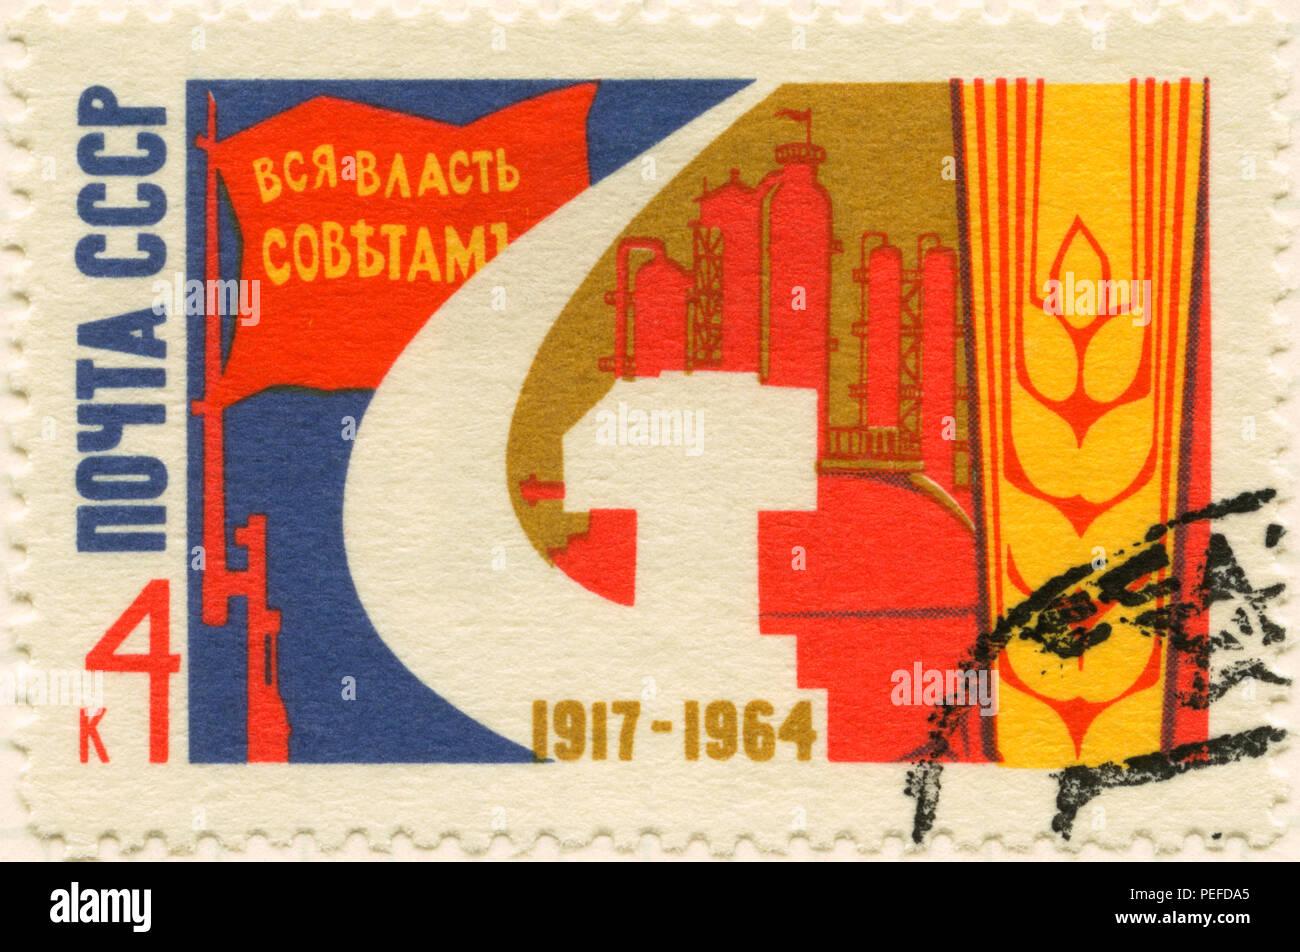 Sowjetische Jubiläumsmarke für die Oktoberrevolution von 1917, 1964 Stockbild